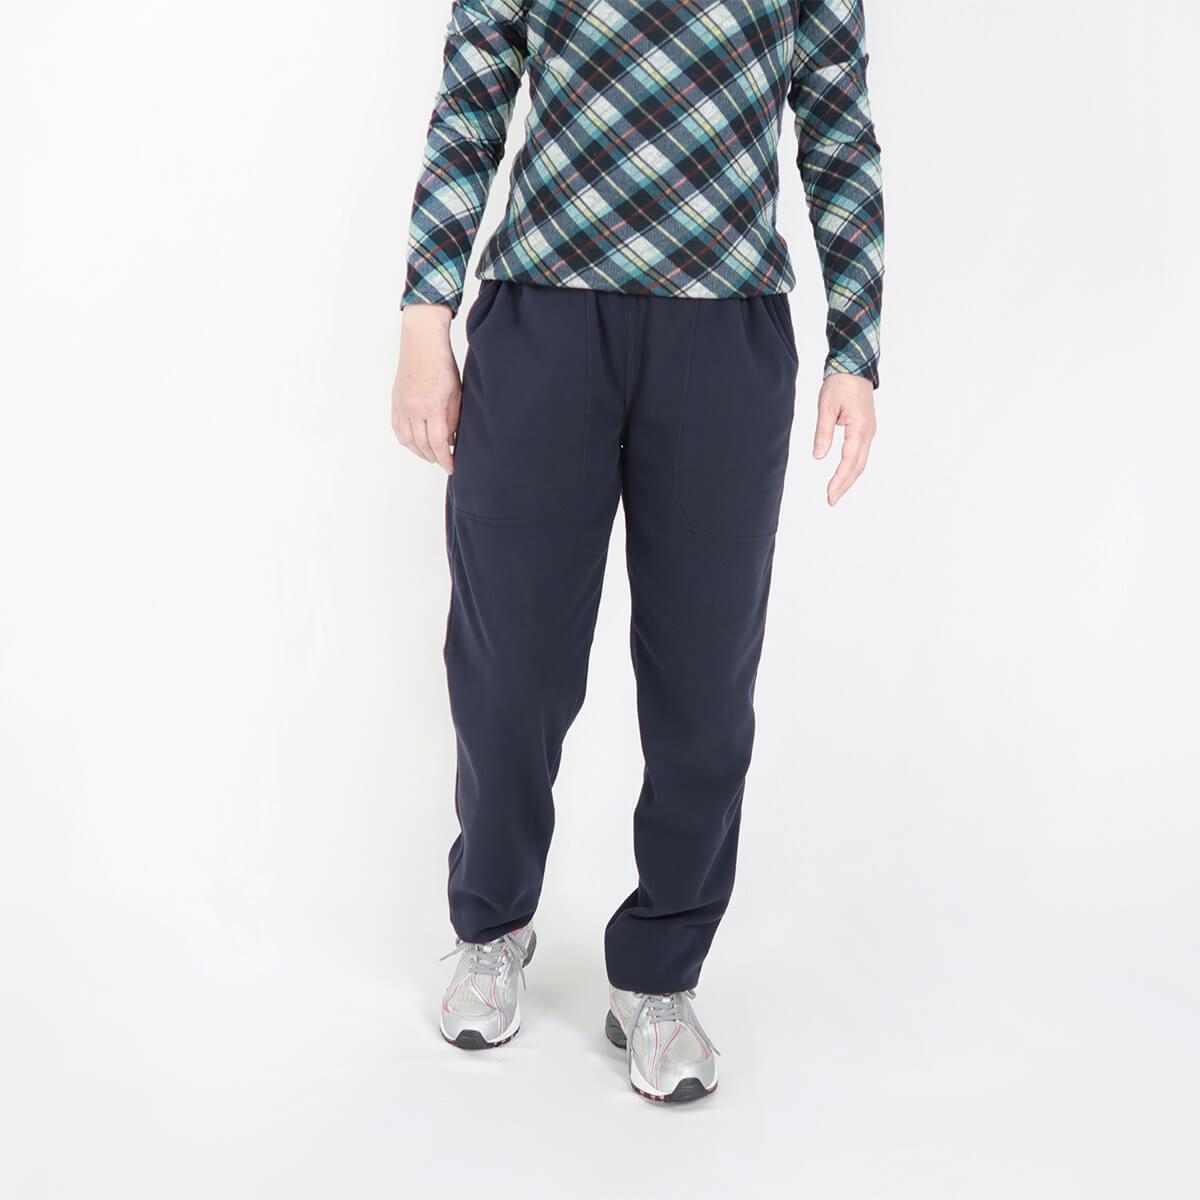 加大尺碼台灣製超細搖粒毛保暖褲 內裡刷毛保暖長褲 保暖棉褲長褲 機能纖維 全腰圍鬆緊帶 一件抵多件 MADE IN TAIWAN WARM FLEECE PANTS FLEECE LINED (020-2805-08)深藍色、(020-2805-19)深咖啡 腰圍M L XL 2L 3L(28~42英吋) 男女可穿 [實體店面保障] sun-e 5